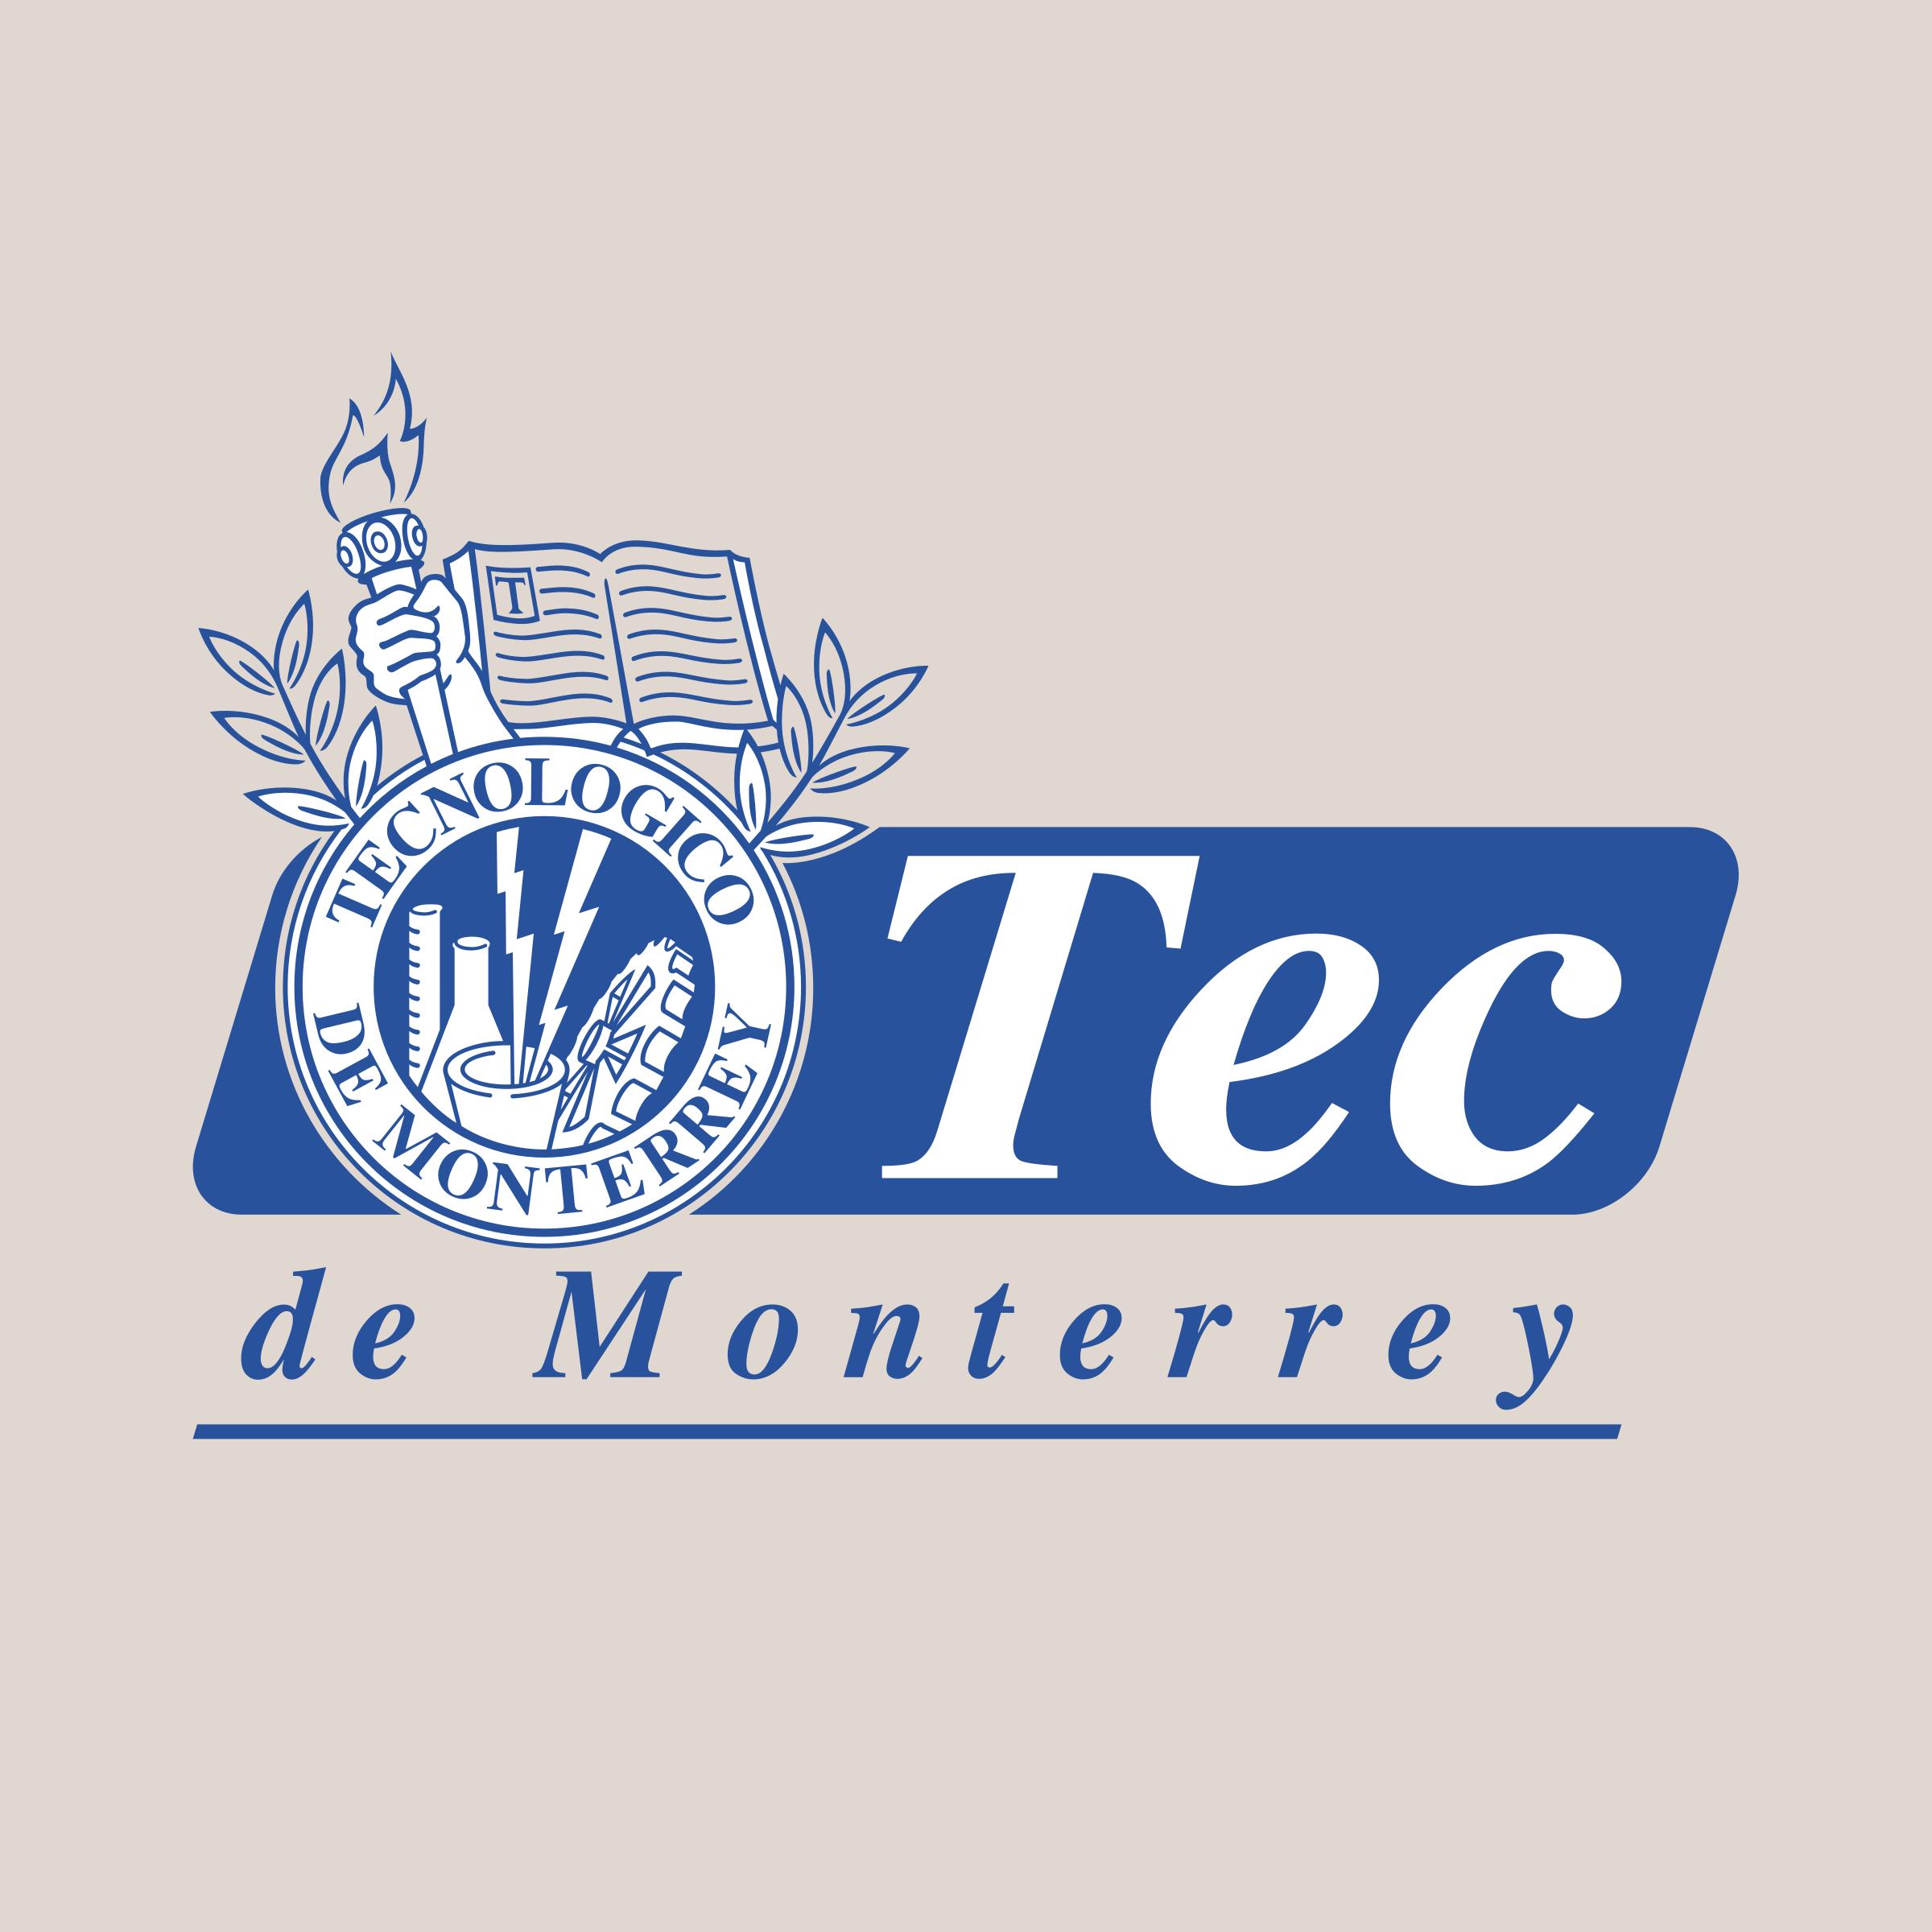 Tec de Monterrey Logo PNG Transparent & SVG Vector.